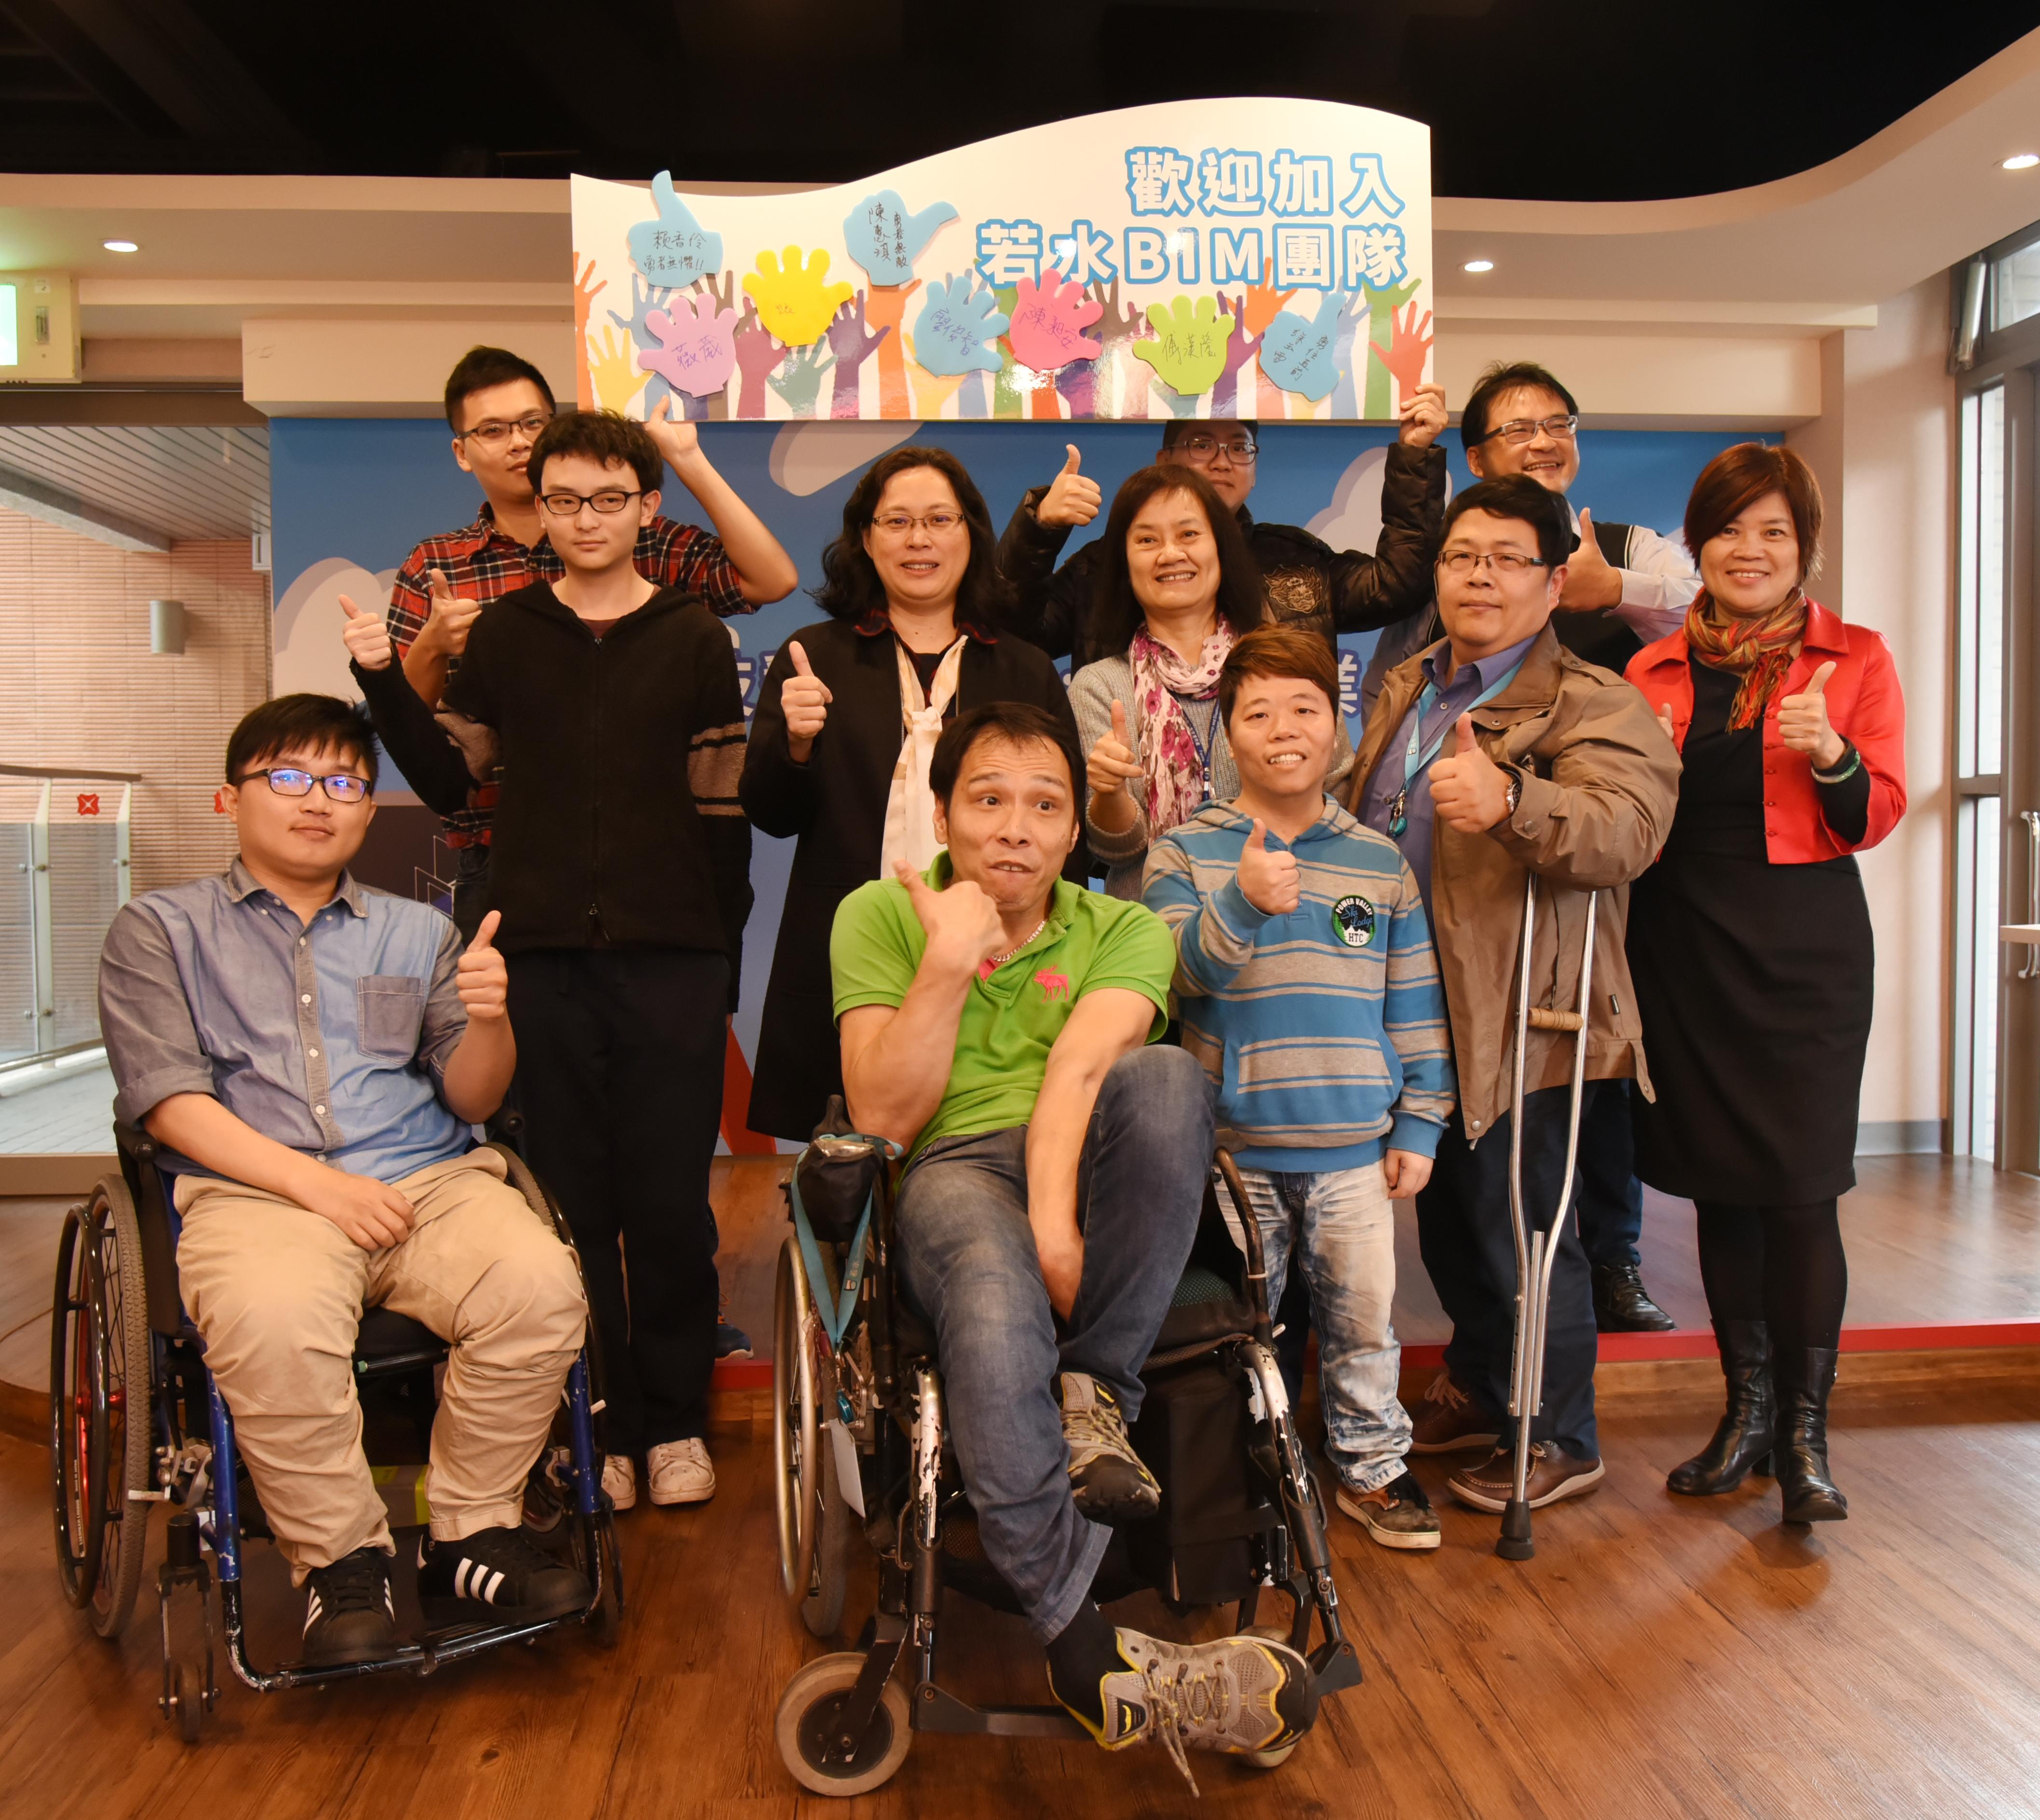 台北市勞工局 - 賴香伶局長來訪